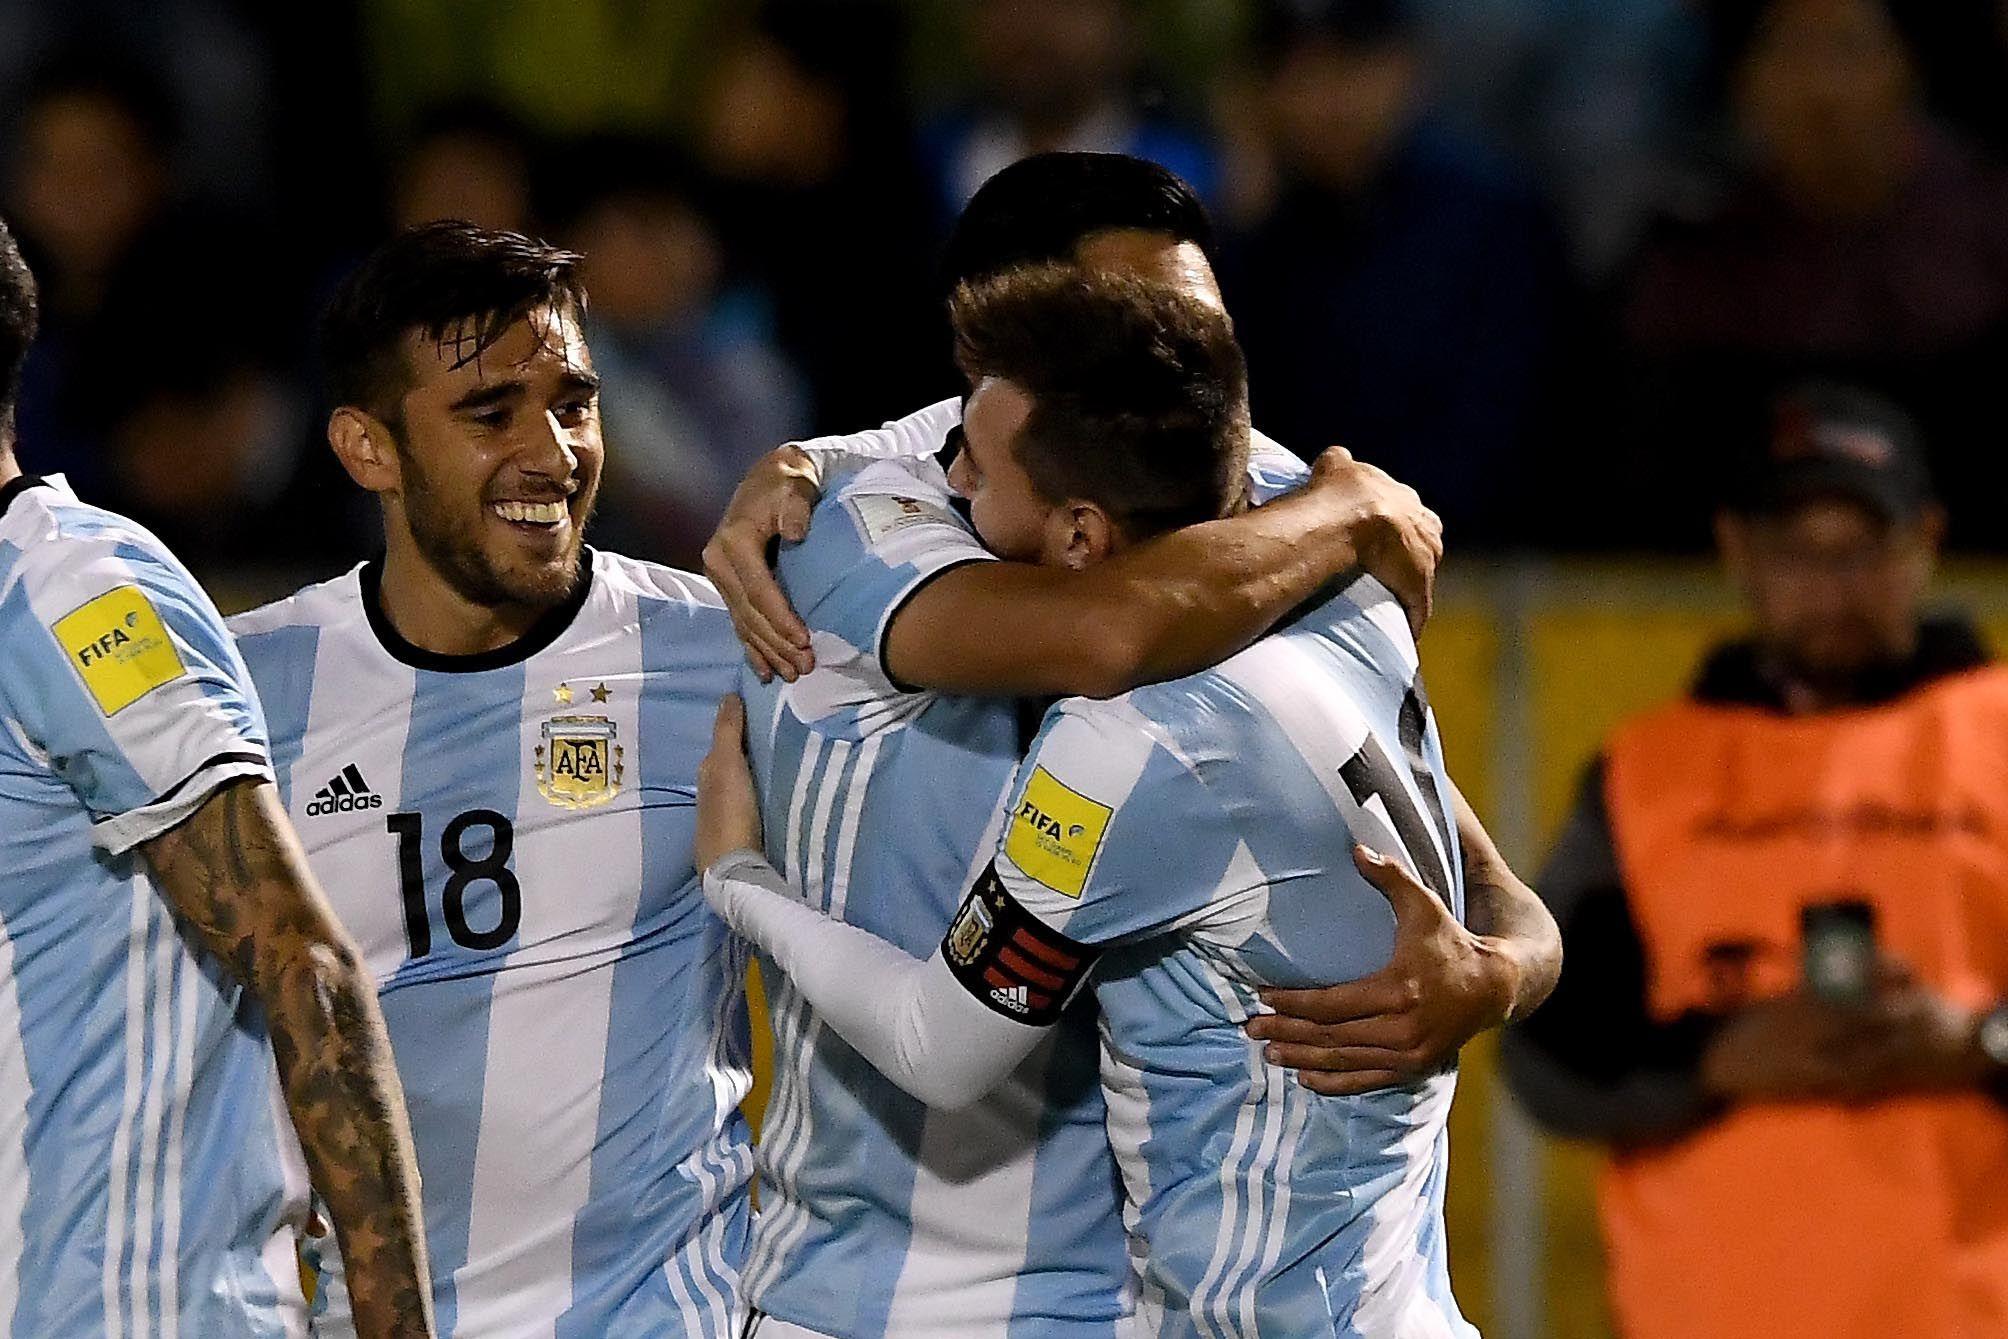 El abrazo entre Pérez y Messi